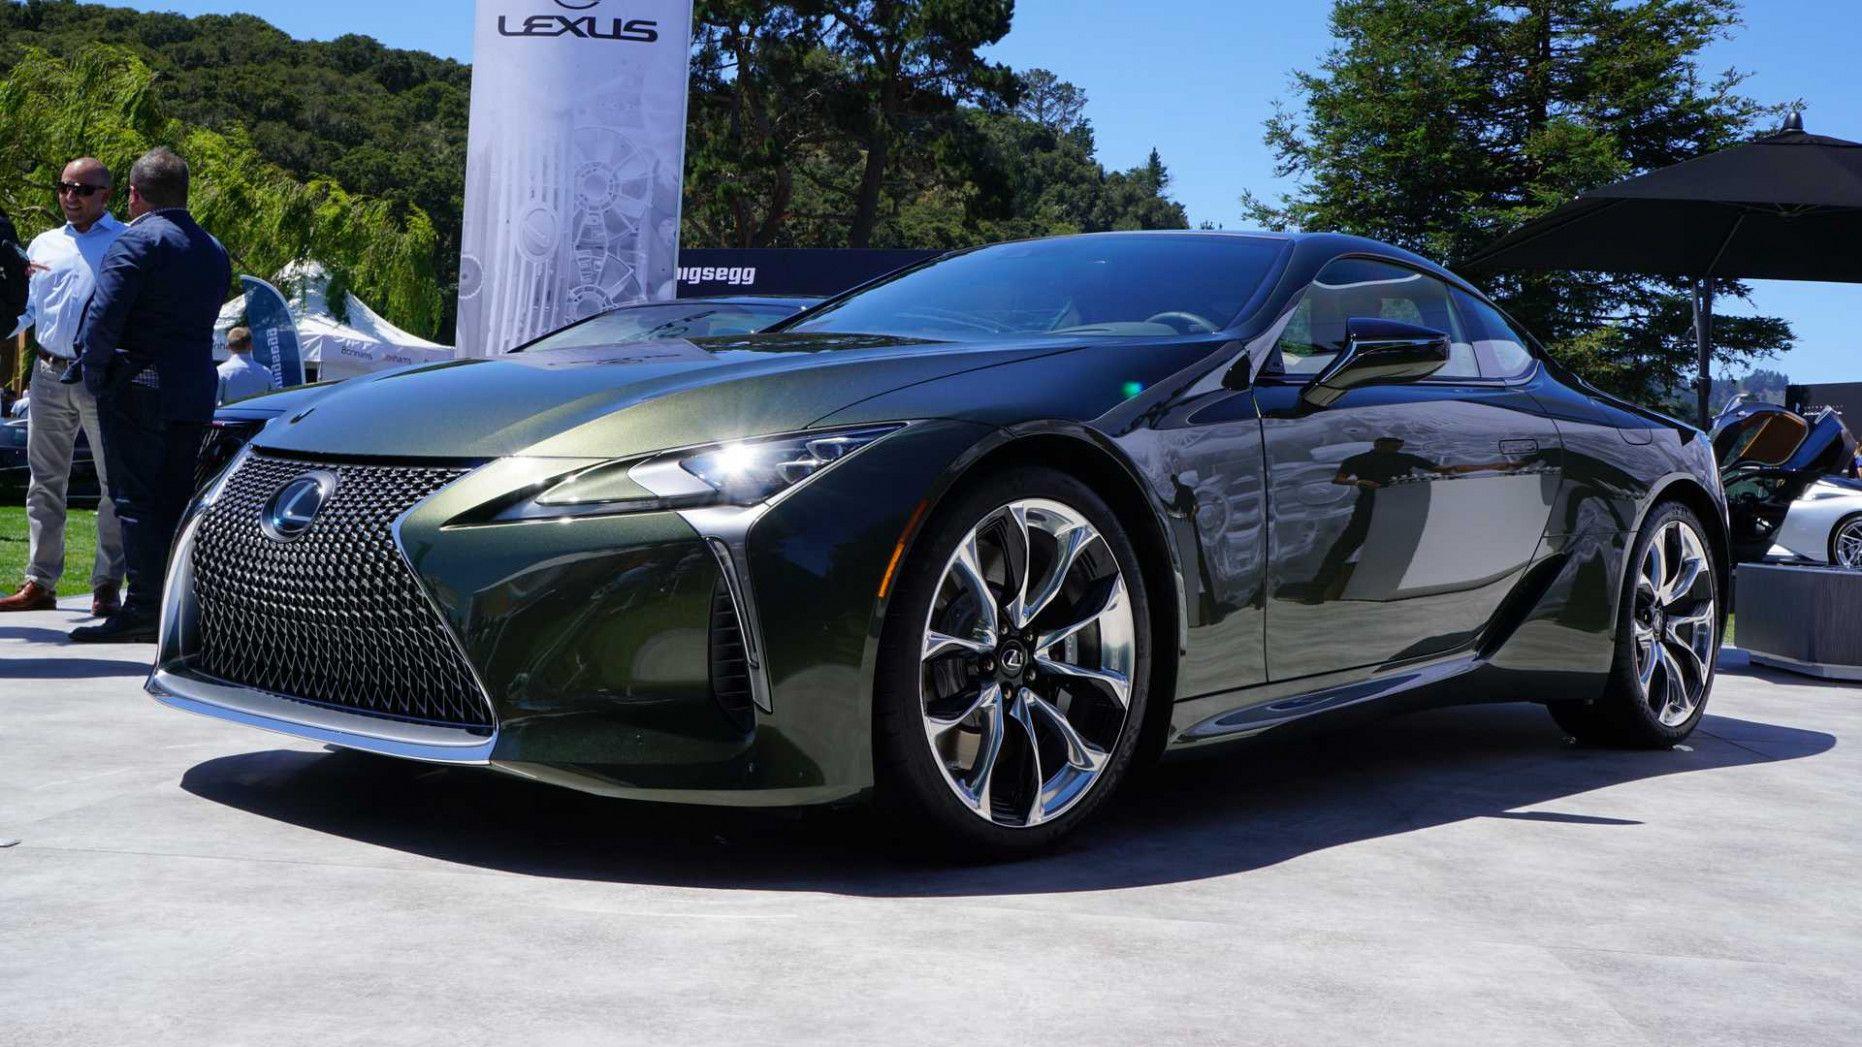 10 Picture 2020 Lexus Lc Price In 2020 Lexus Lc Lexus Car Review